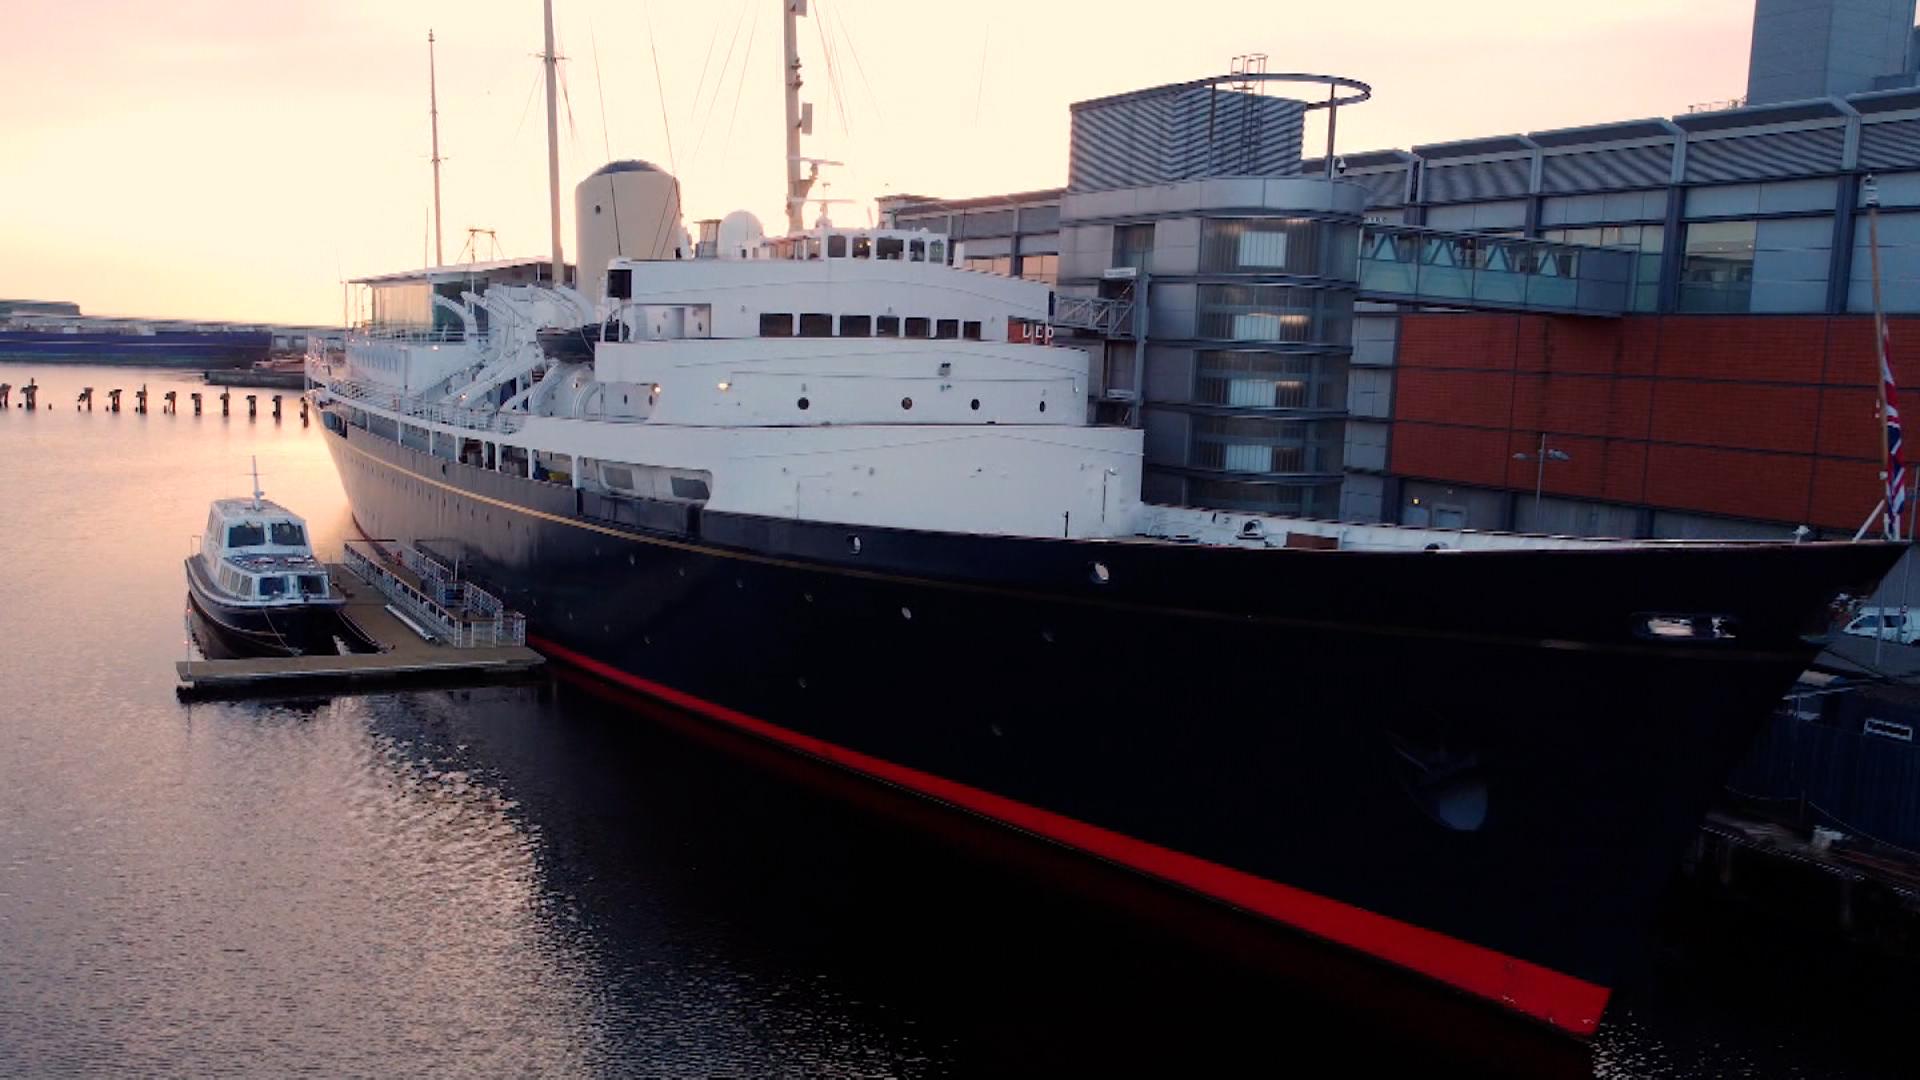 The Royal Yacht Britannia.